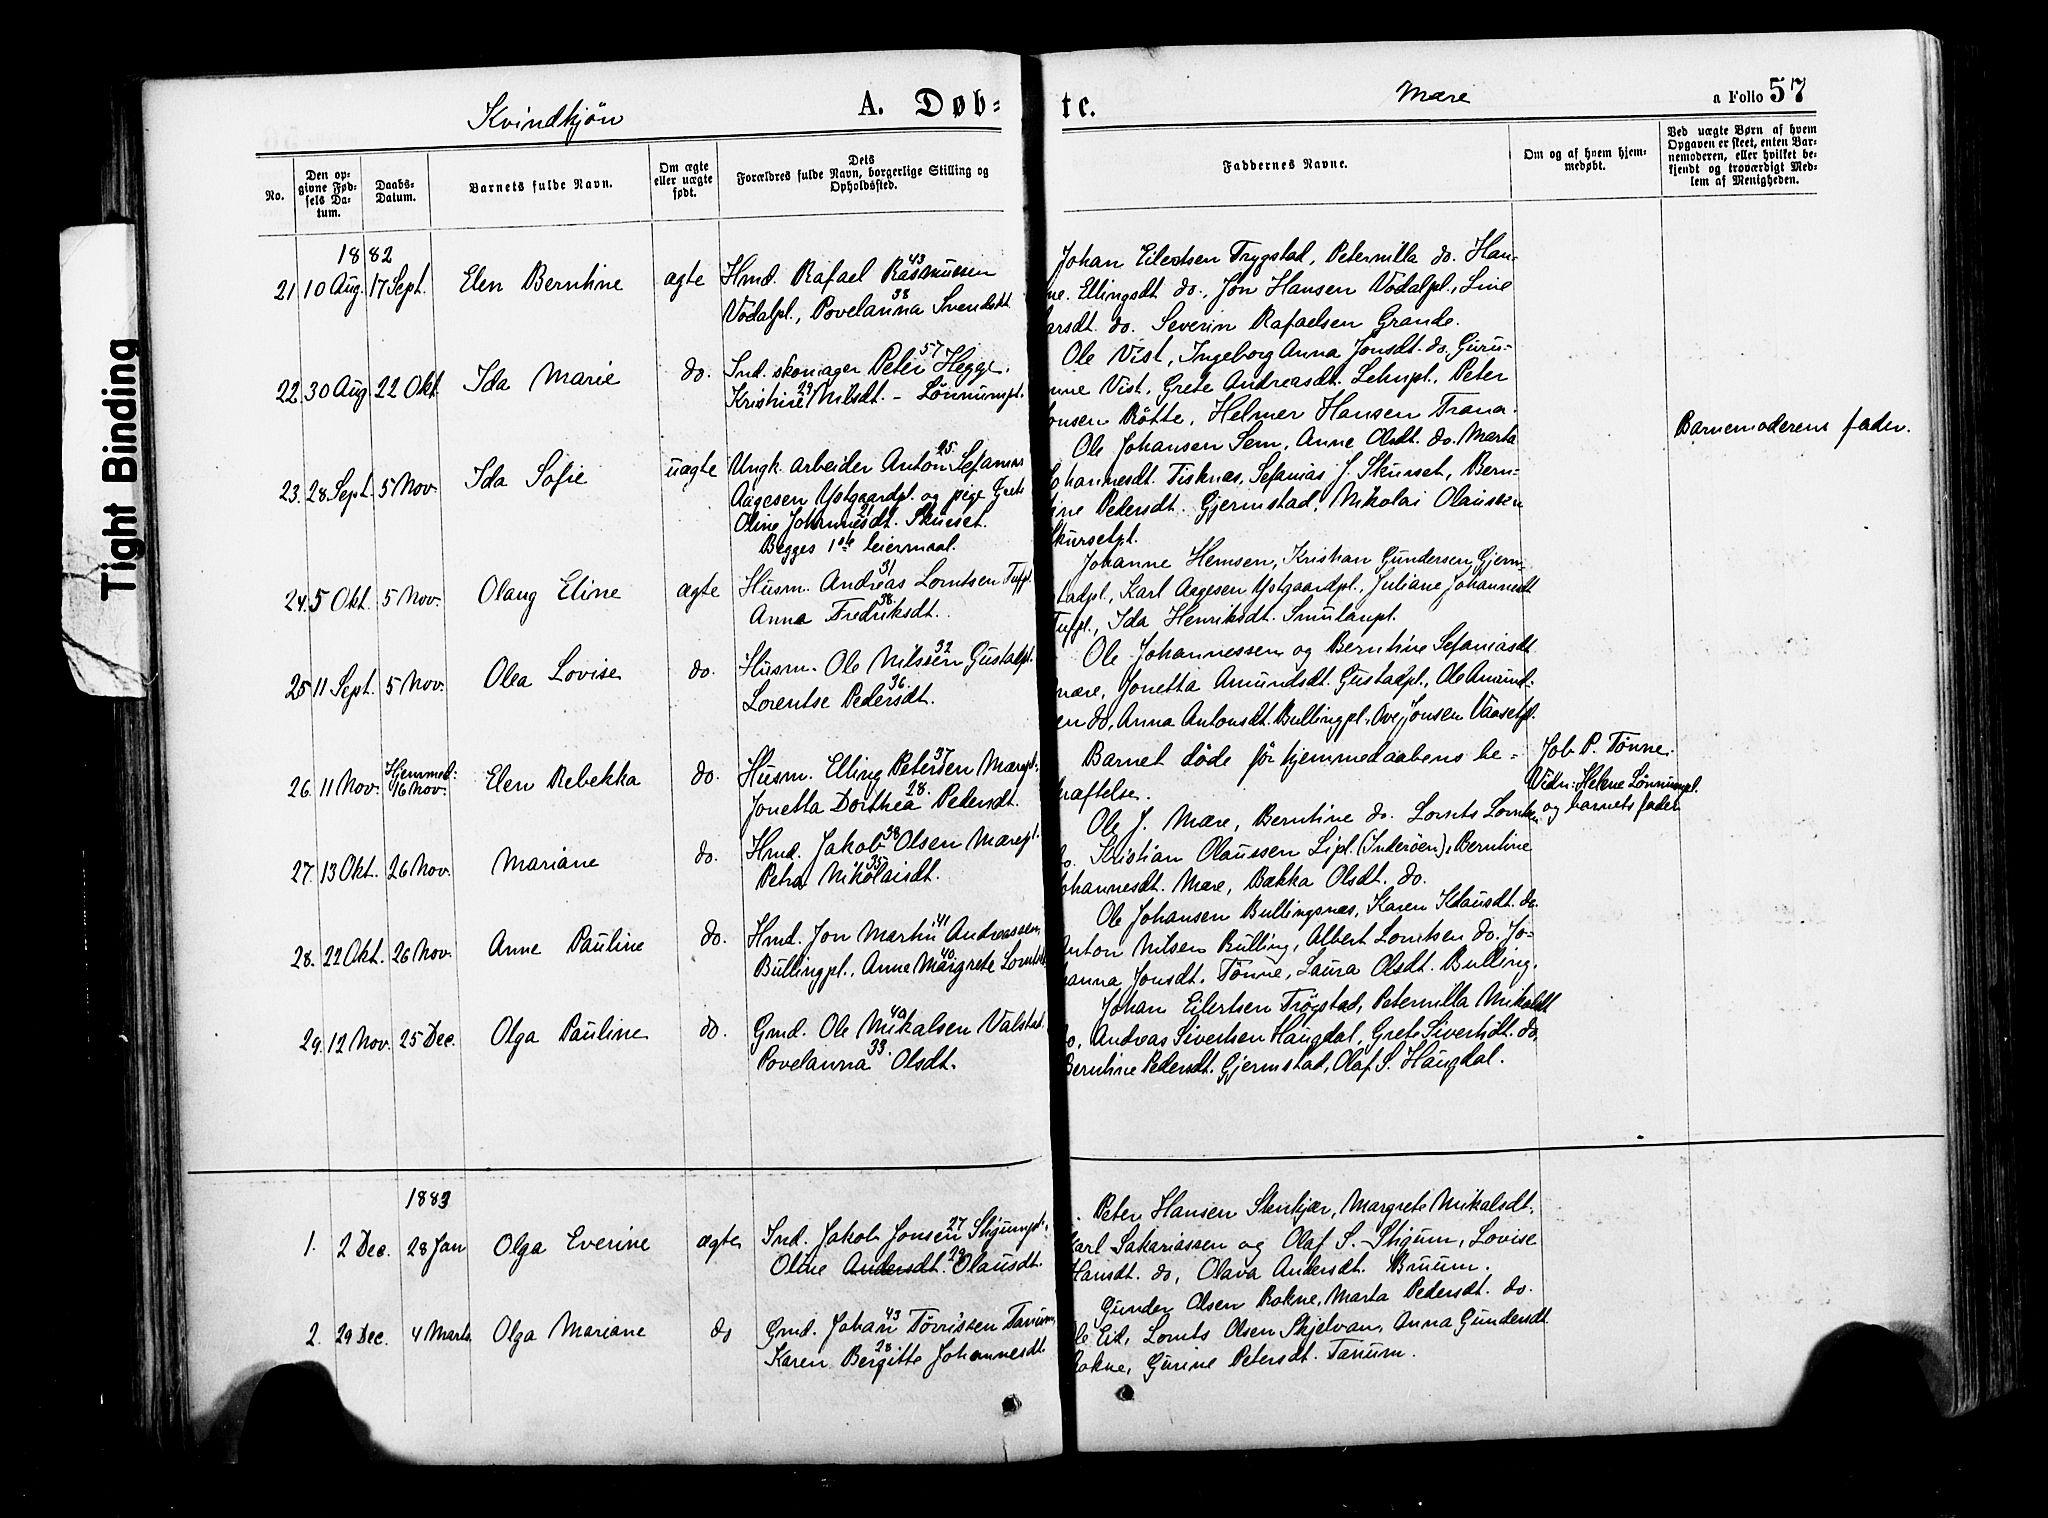 SAT, Ministerialprotokoller, klokkerbøker og fødselsregistre - Nord-Trøndelag, 735/L0348: Ministerialbok nr. 735A09 /1, 1873-1883, s. 57